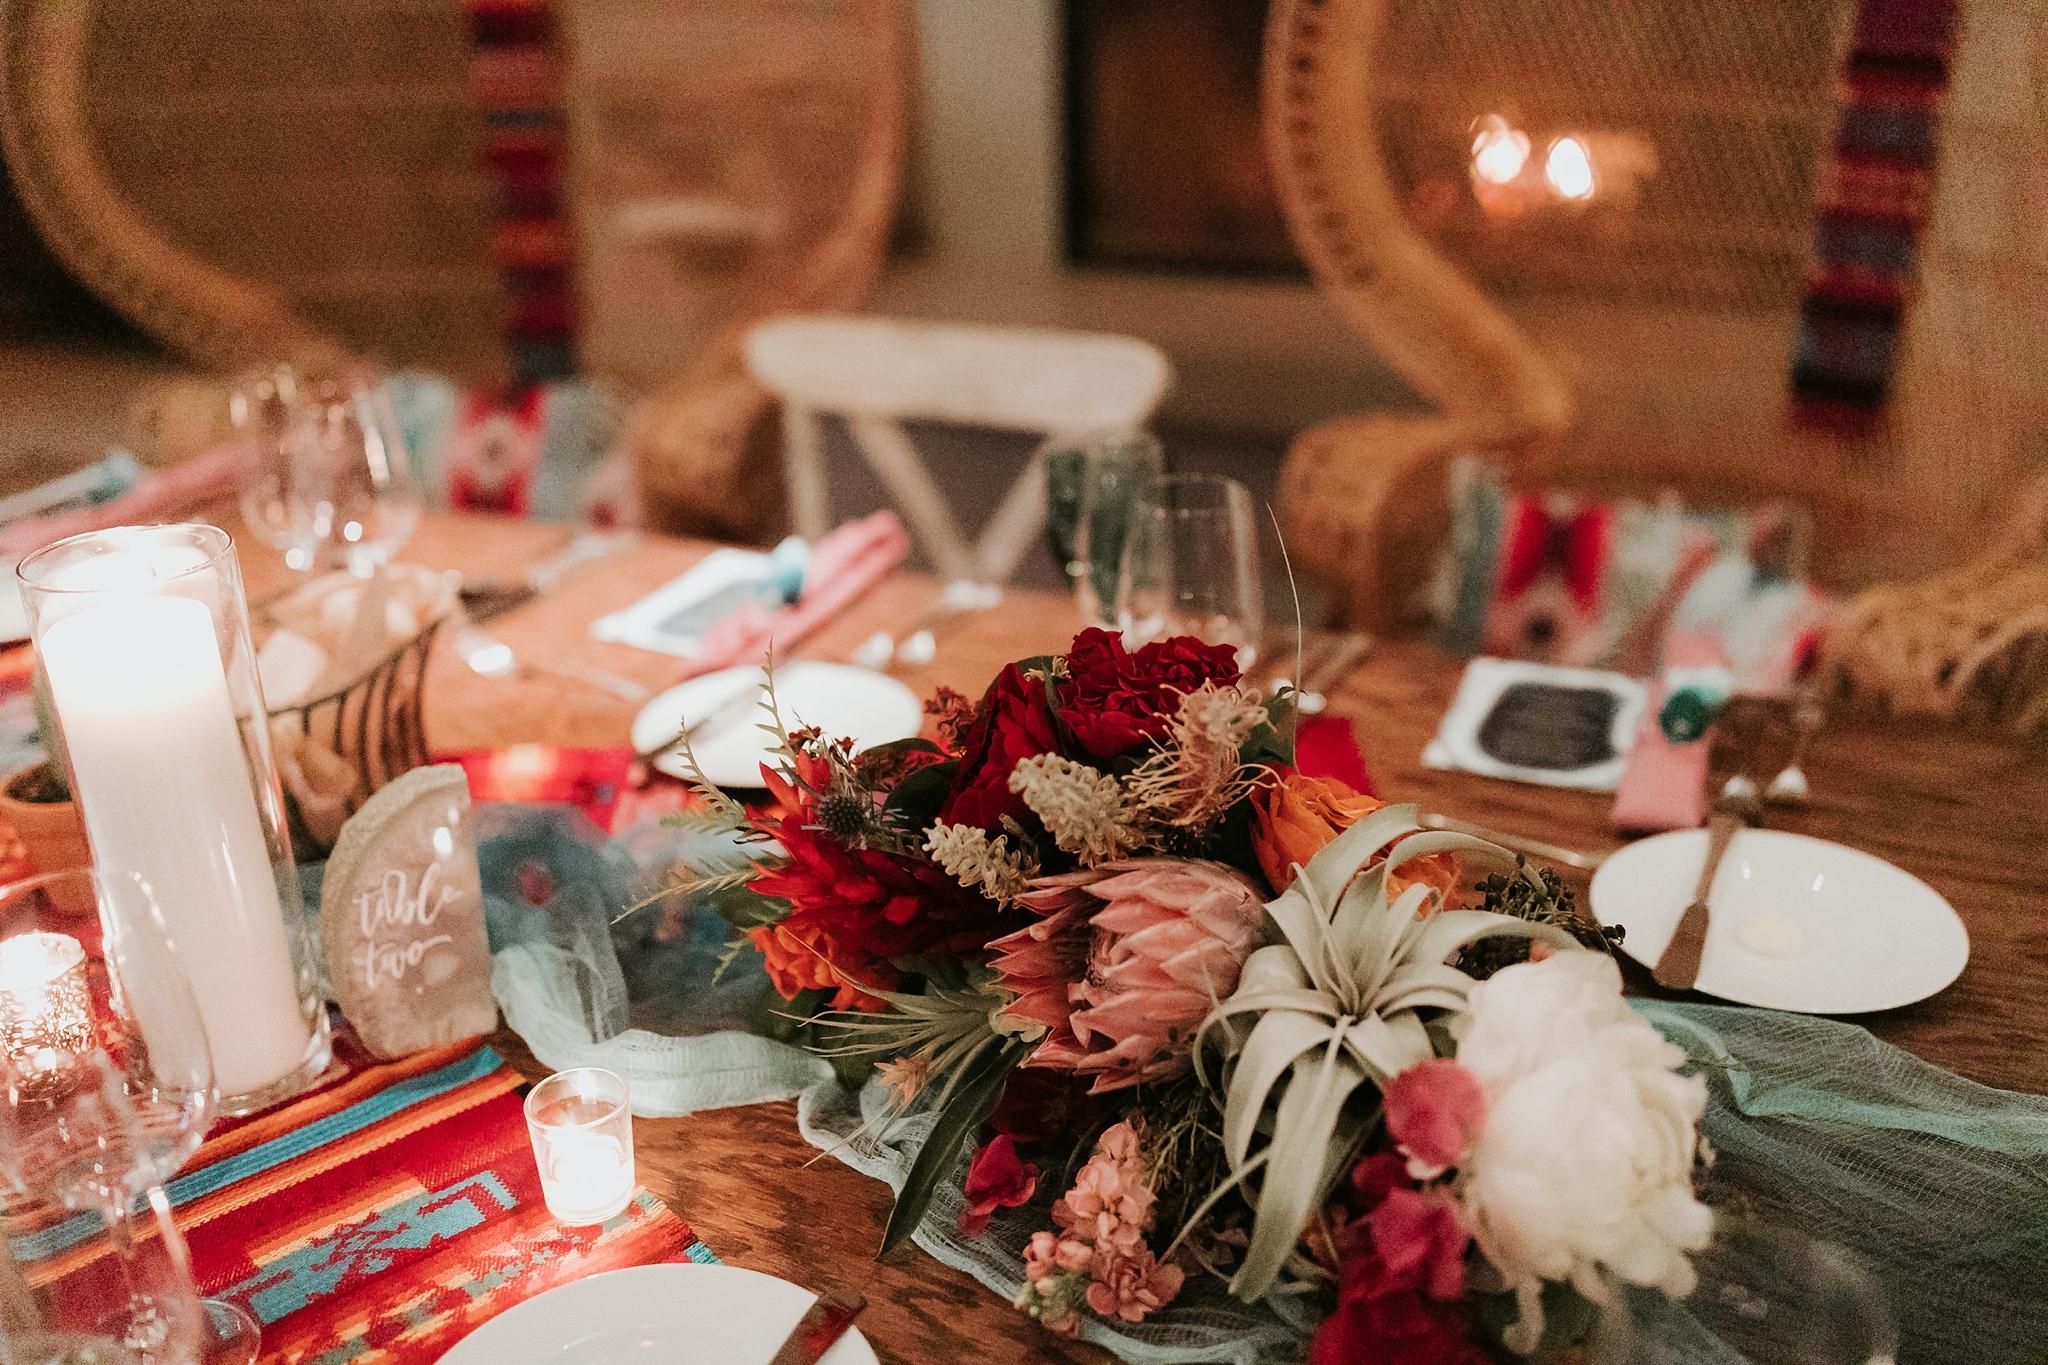 Alicia+lucia+photography+-+albuquerque+wedding+photographer+-+santa+fe+wedding+photography+-+new+mexico+wedding+photographer+-+new+mexico+wedding+-+wedding+-+winter+wedding+-+wedding+reception+-+winter+wedding+reception_0076.jpg